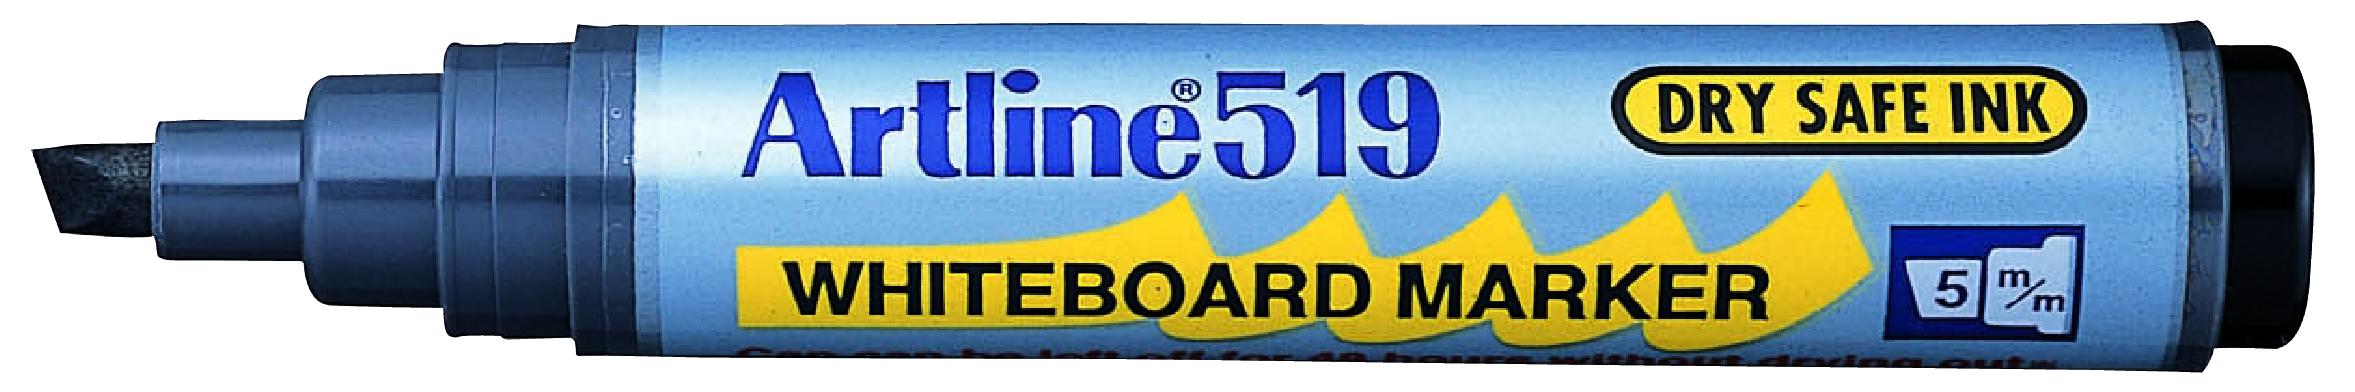 Artline 519 Whiteboardpenn sort